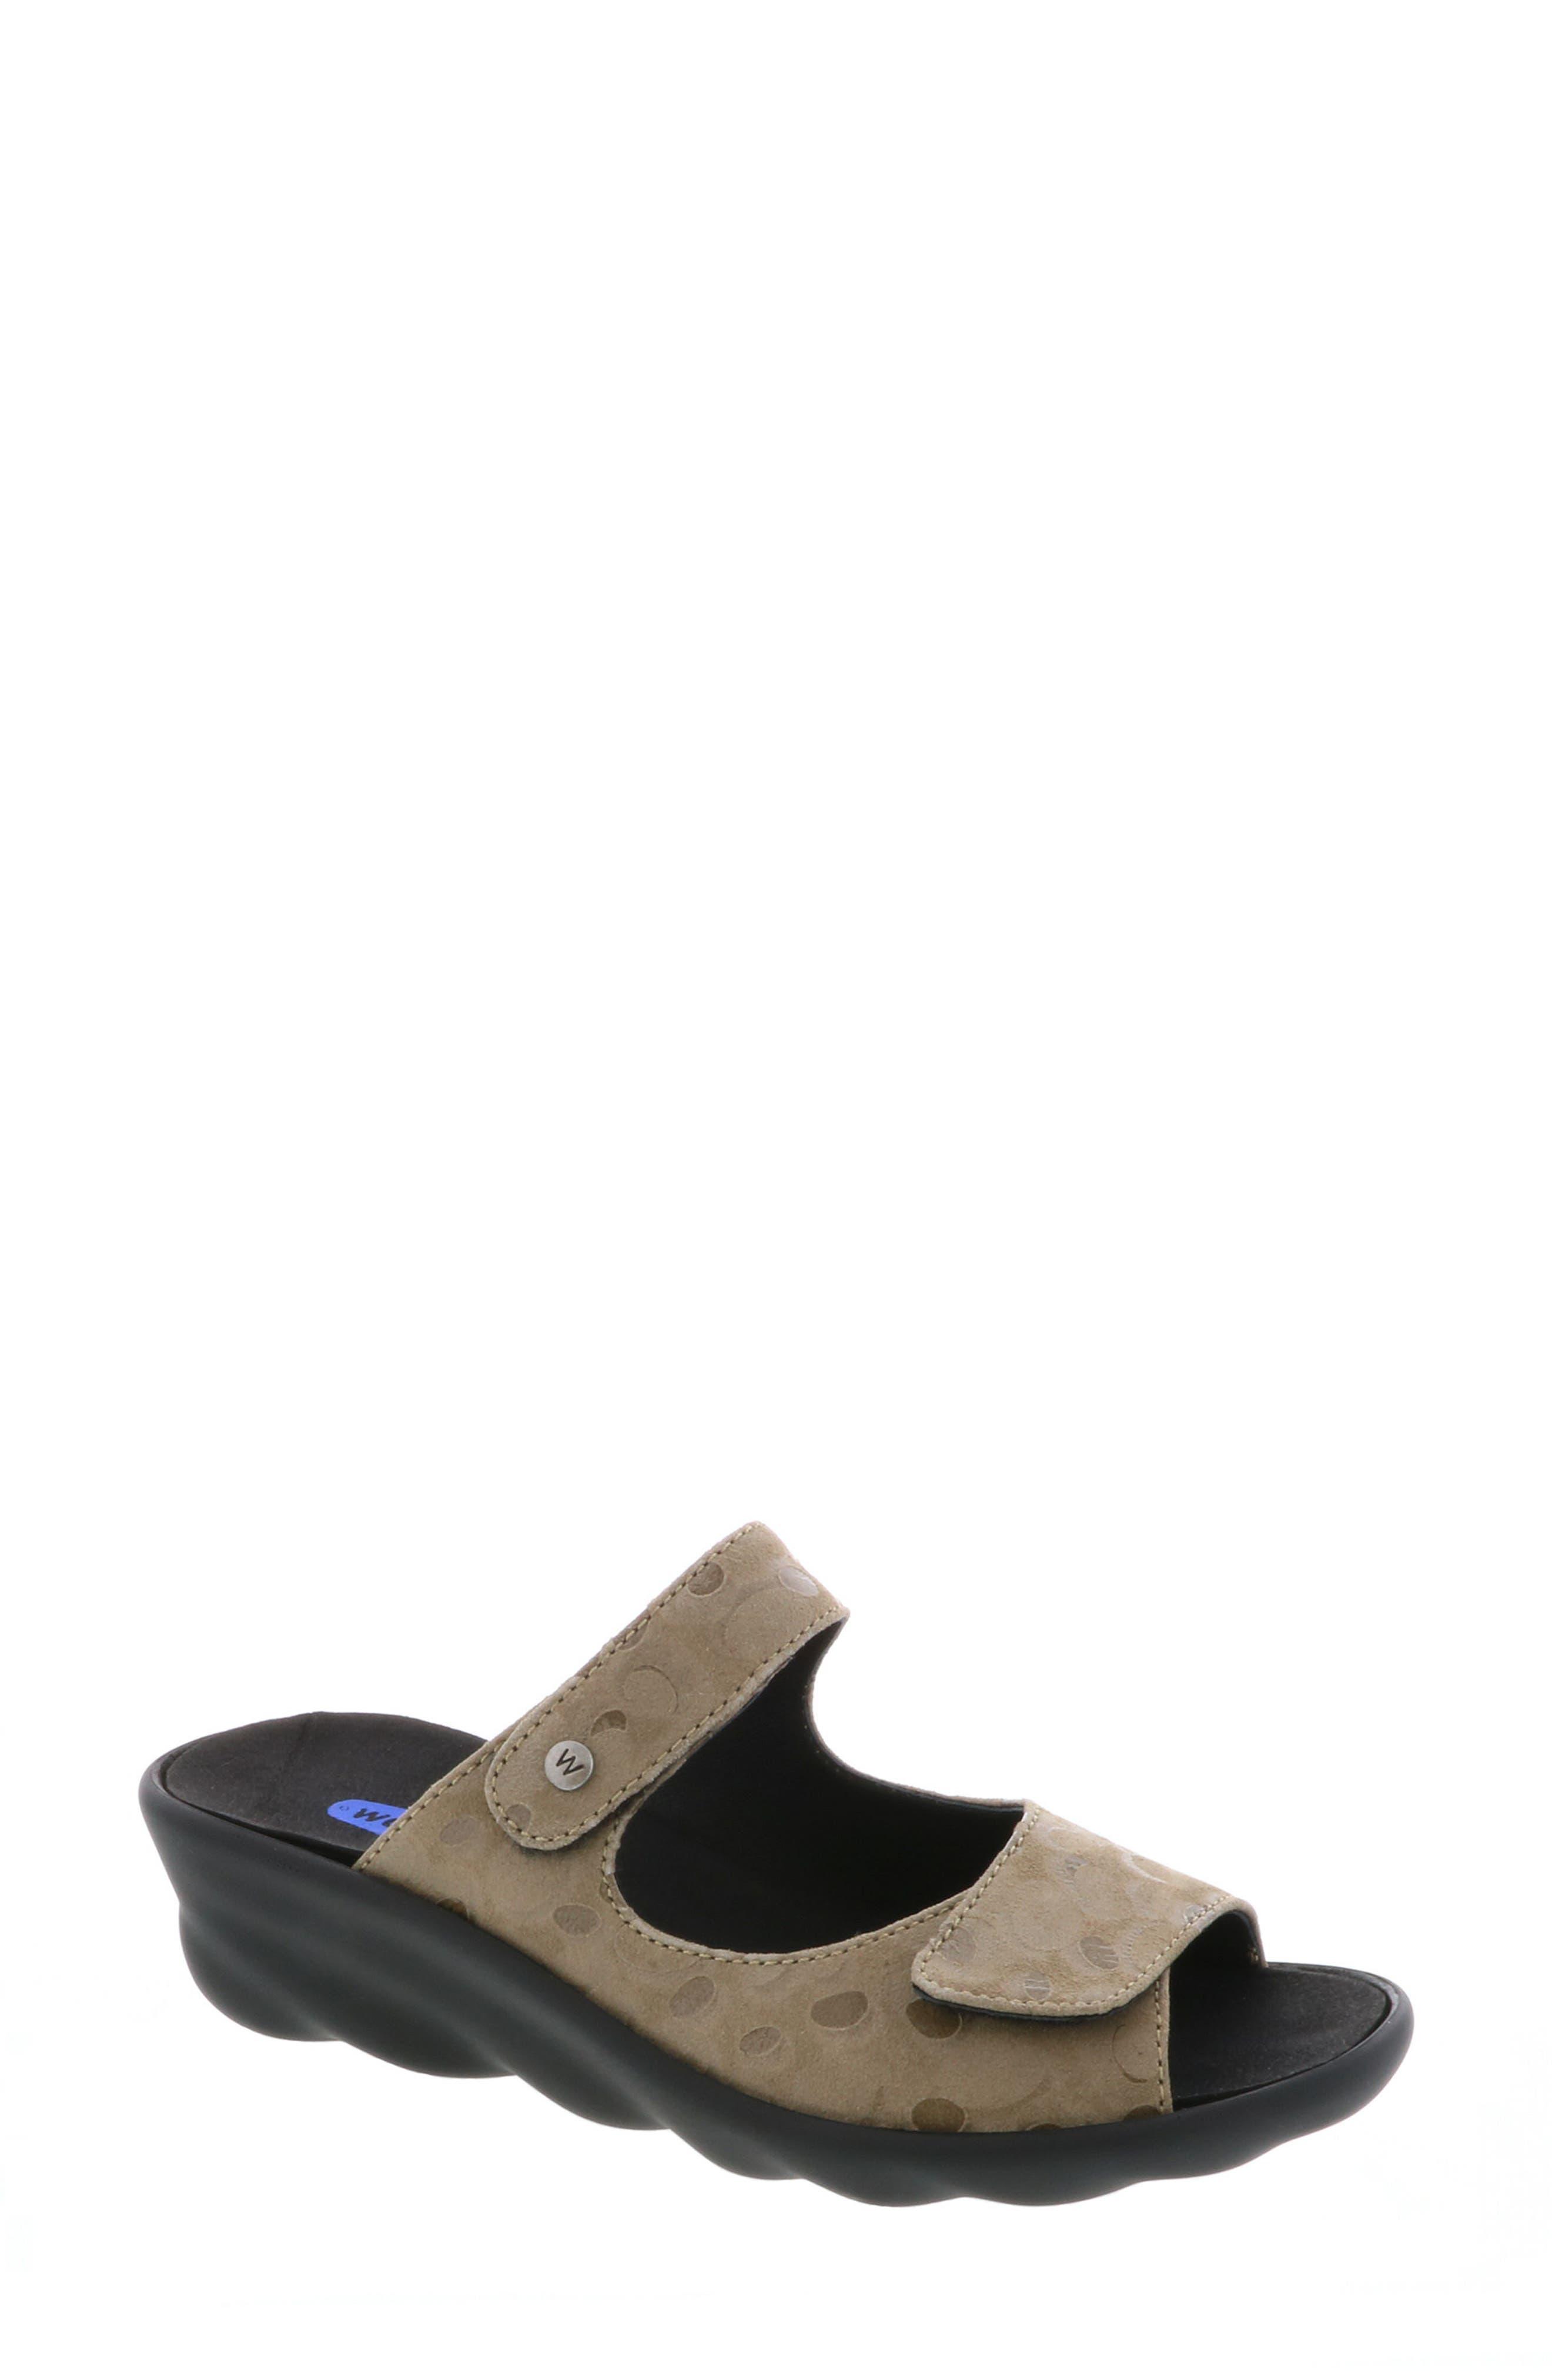 bf1789fd6ea3 Wolky Bolena Slide Sandal - Beige